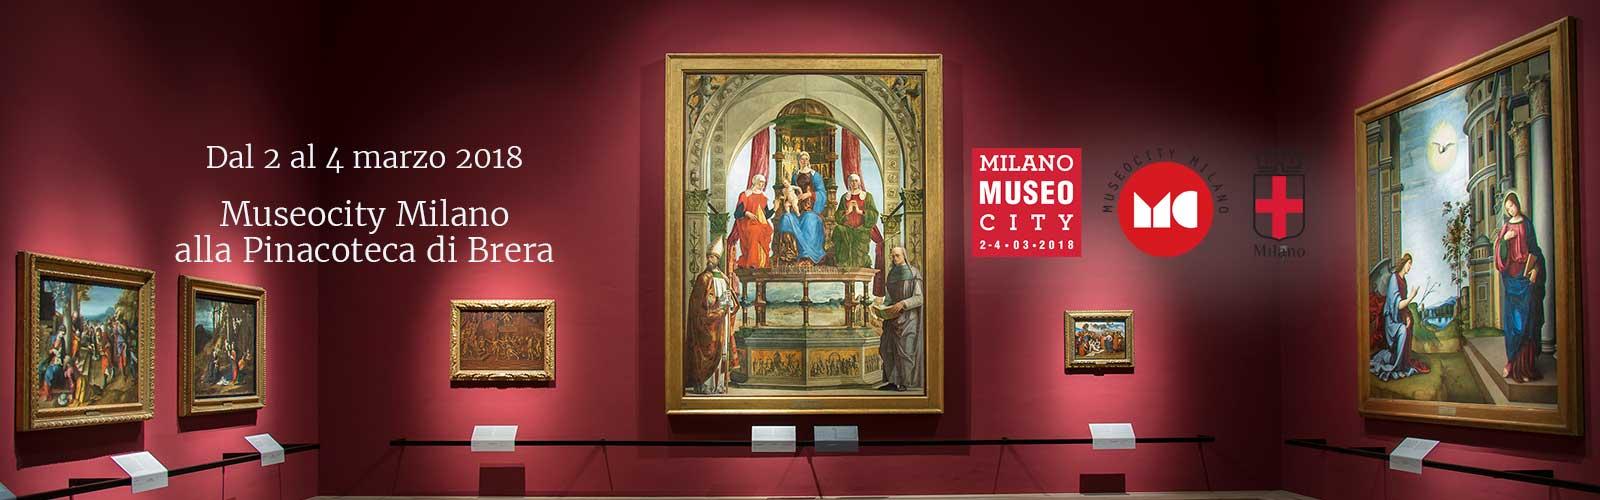 Speciale Museocity alla Pinacoteca di Brera